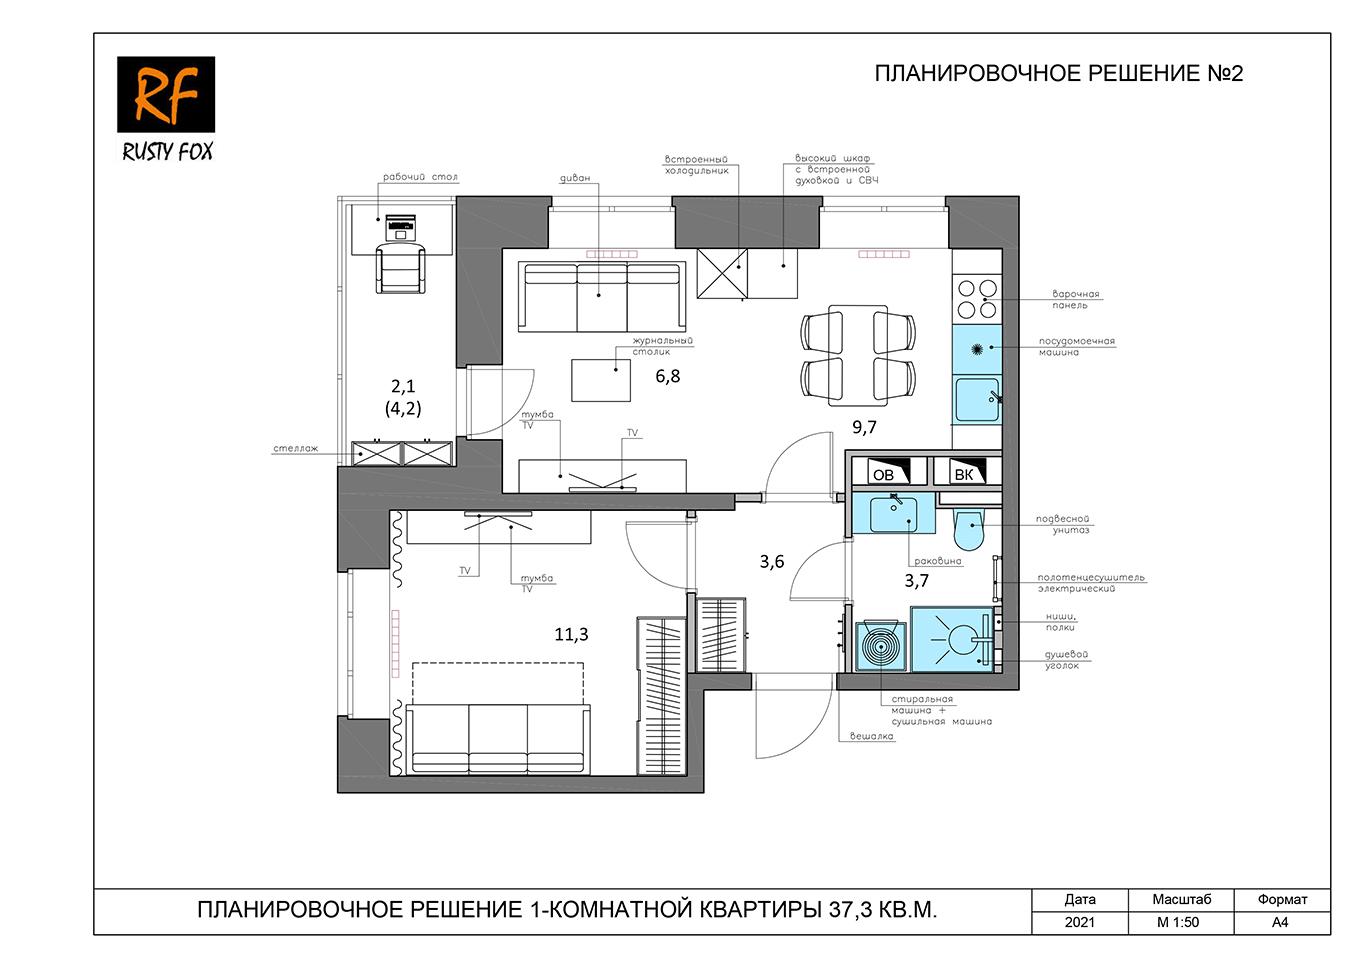 ЖК Люберцы корпус 52, секция 2. Планировочное решение №2 1-комнотной квартира 37,3 кв.м.